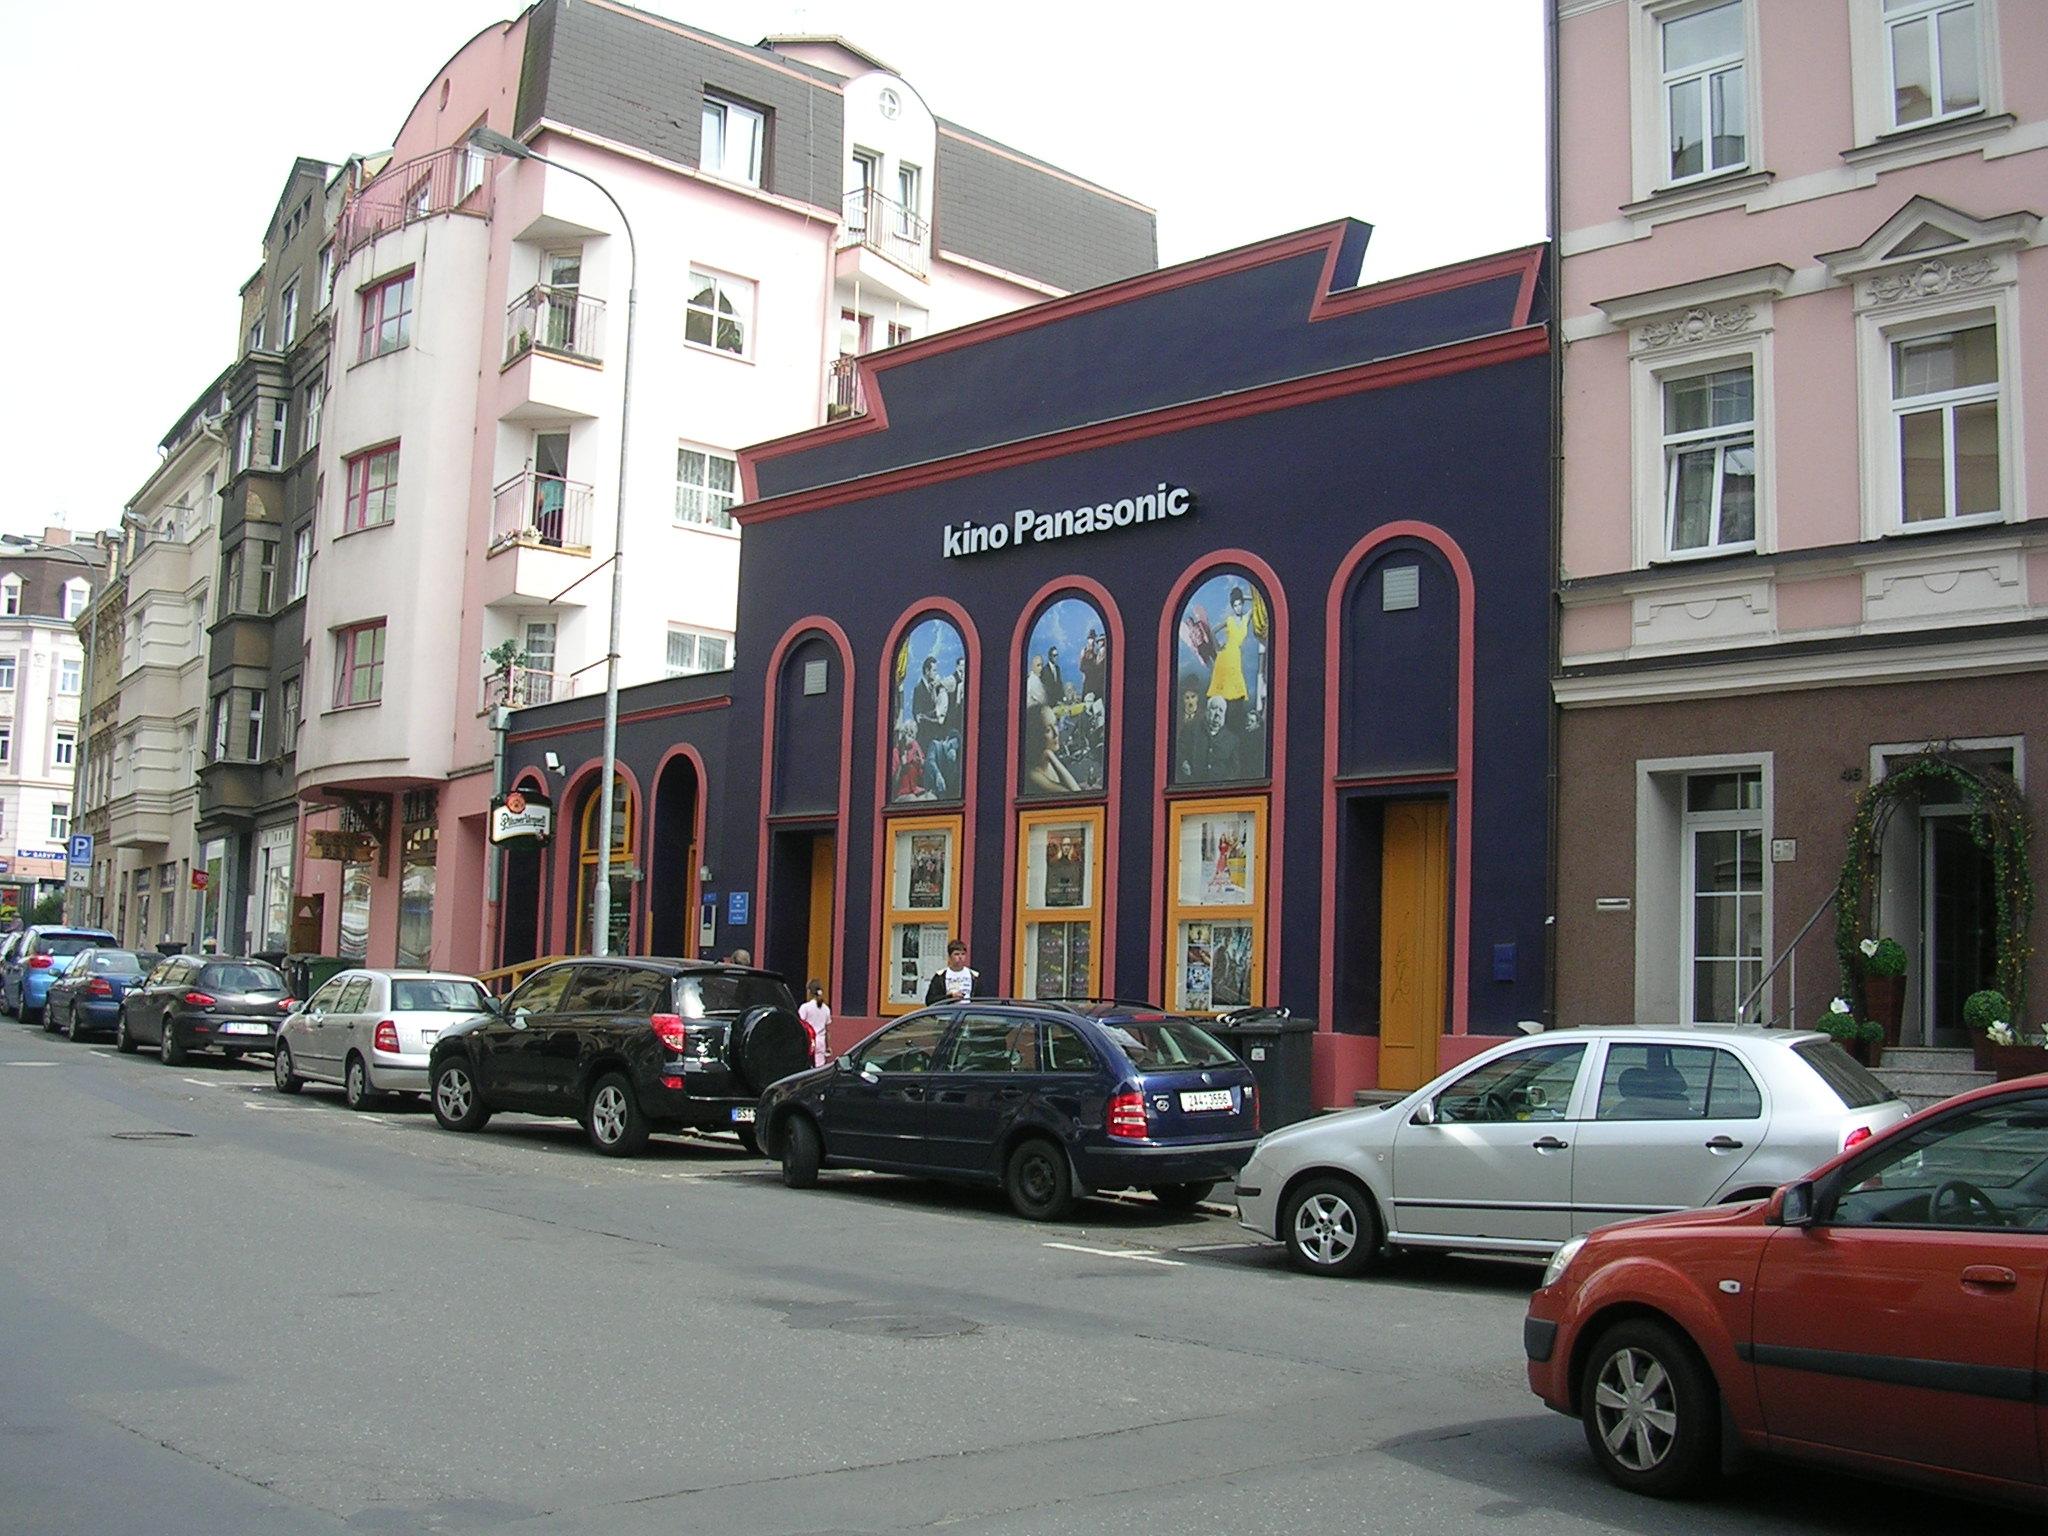 Description Karlovy Vary Kino Panasonicjpg